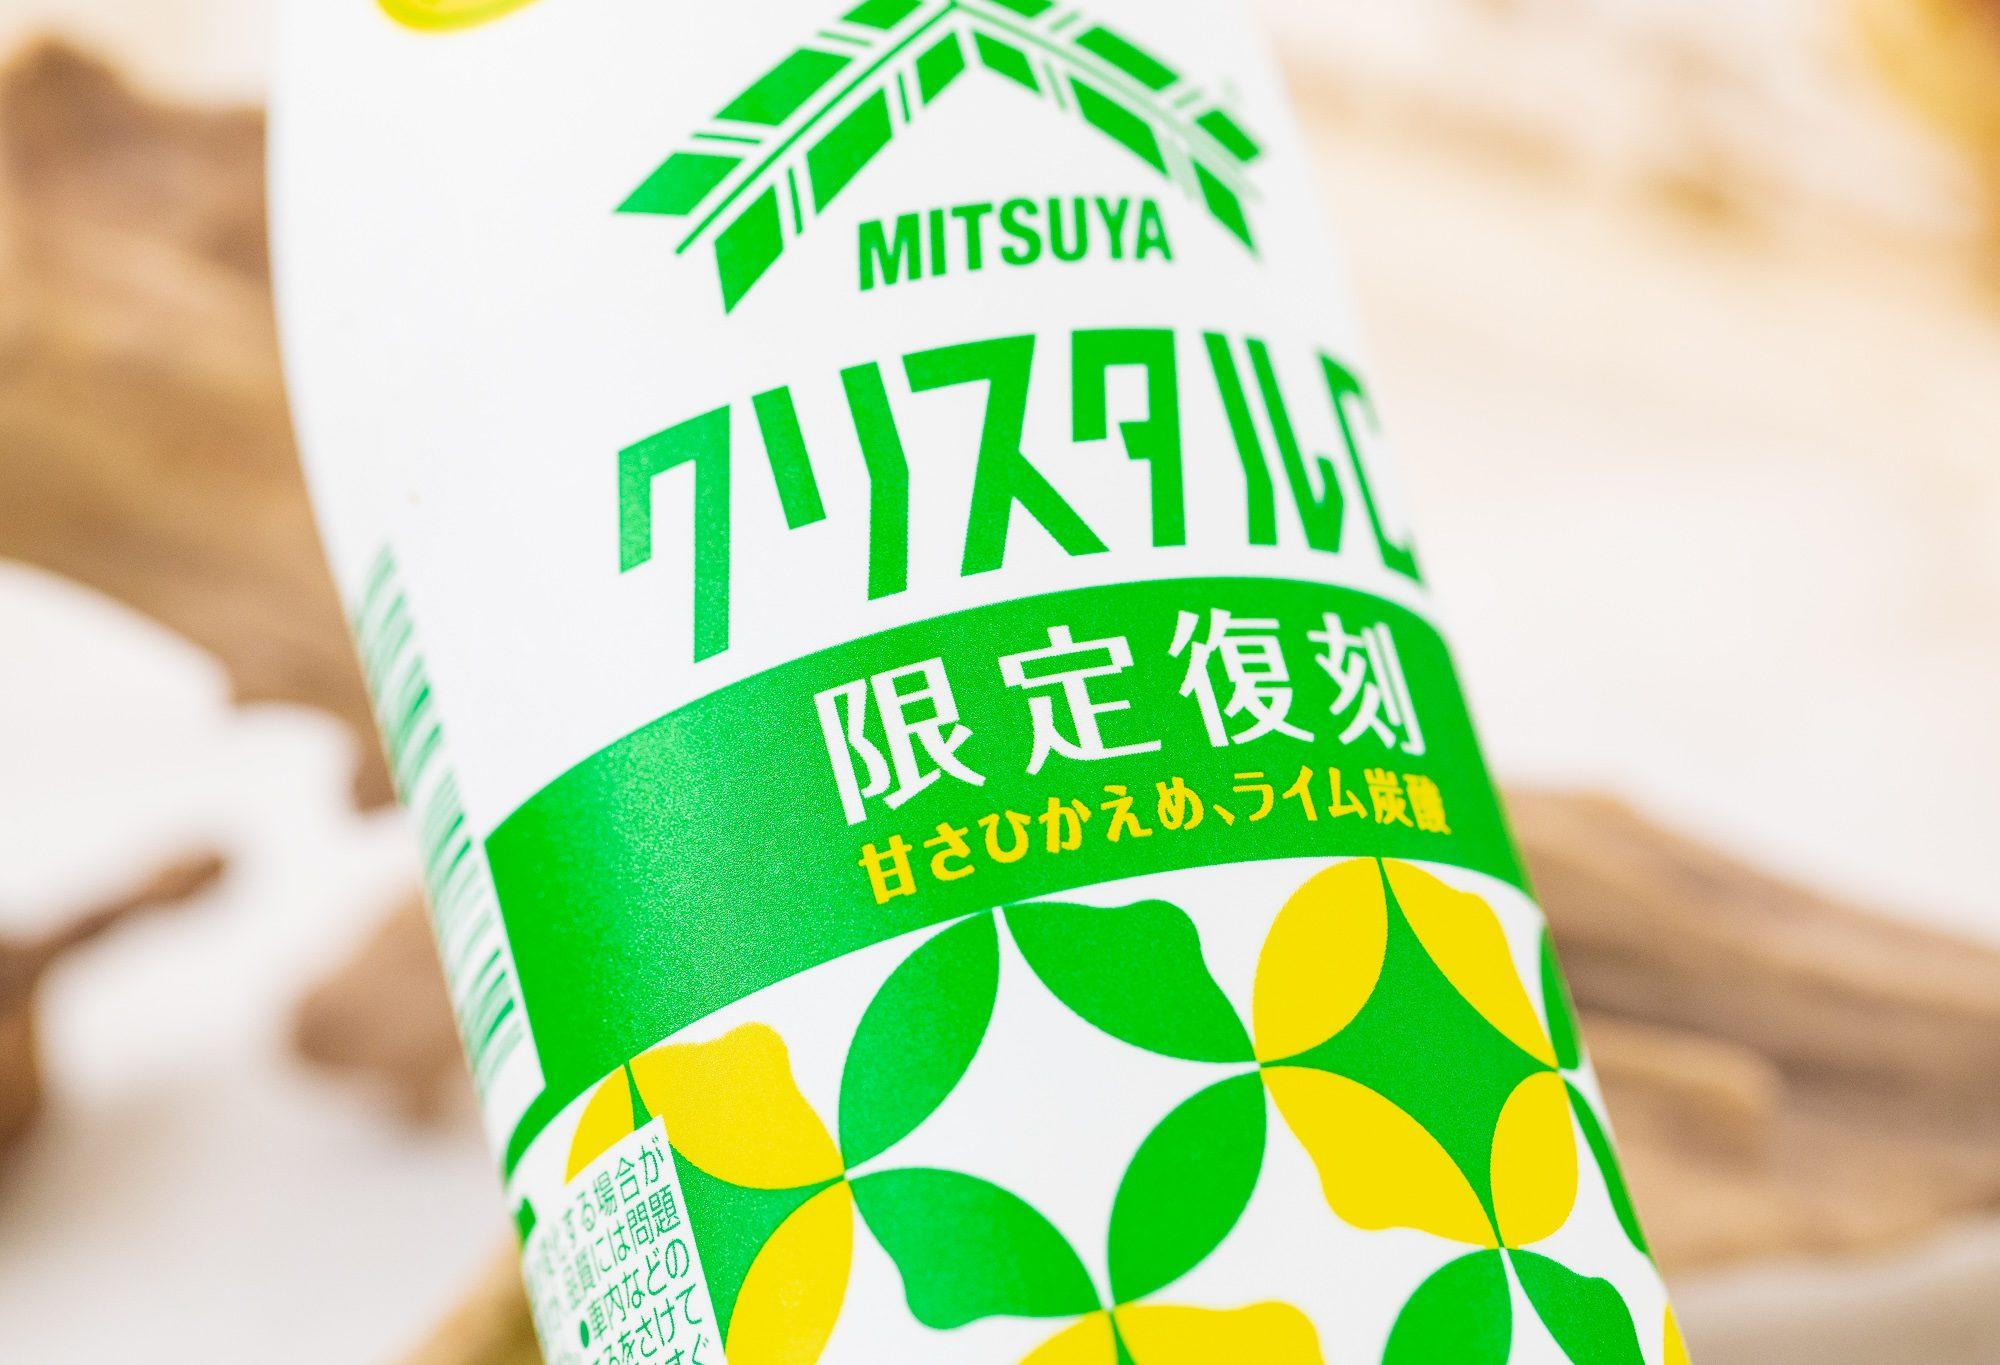 アサヒ飲料『「三ツ矢」クリスタルC PET500ml』はほろ苦いライムフレーバーとほのかな酸味のレモンフレーバーが軽やかに香る炭酸飲料!